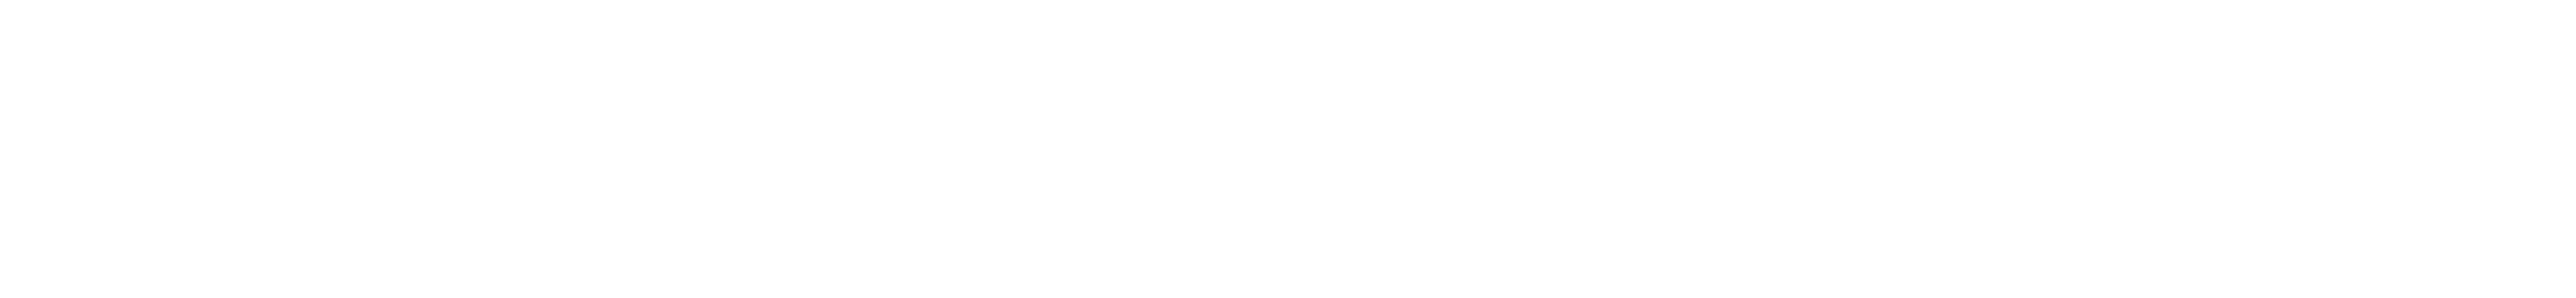 Lichtermacher